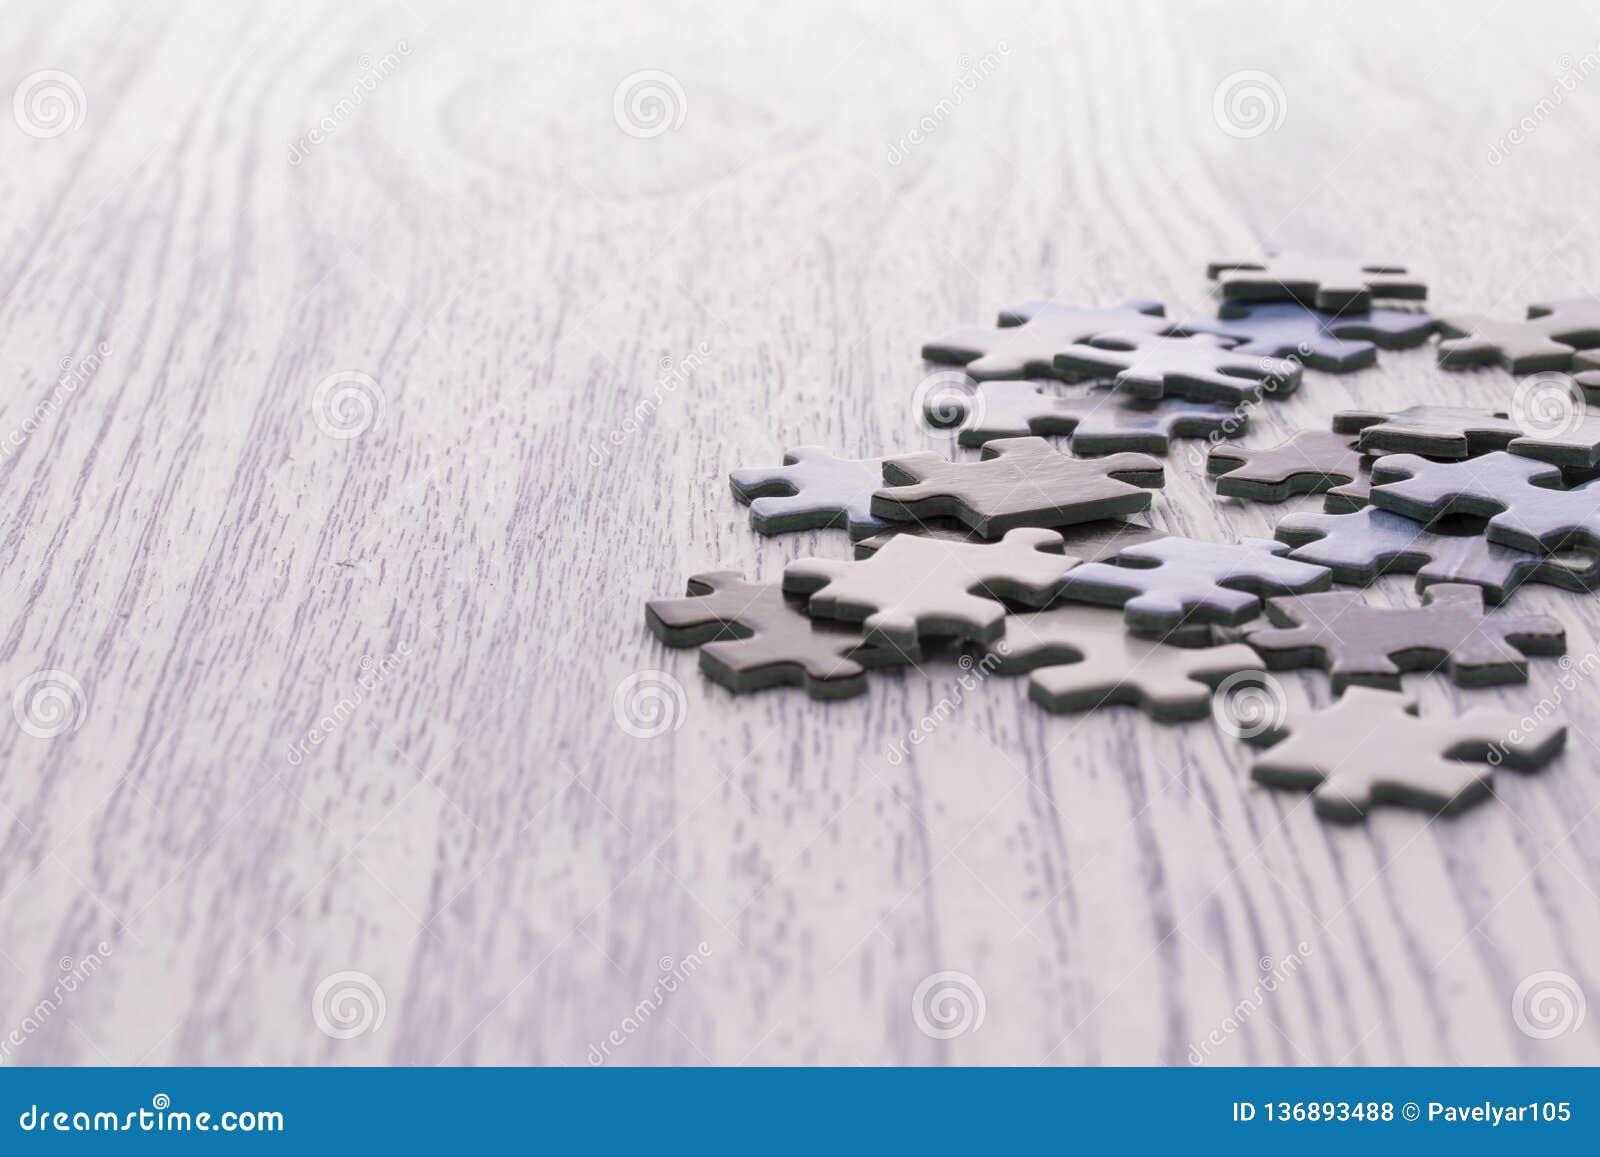 Rompecabezas en una tabla de madera blanca